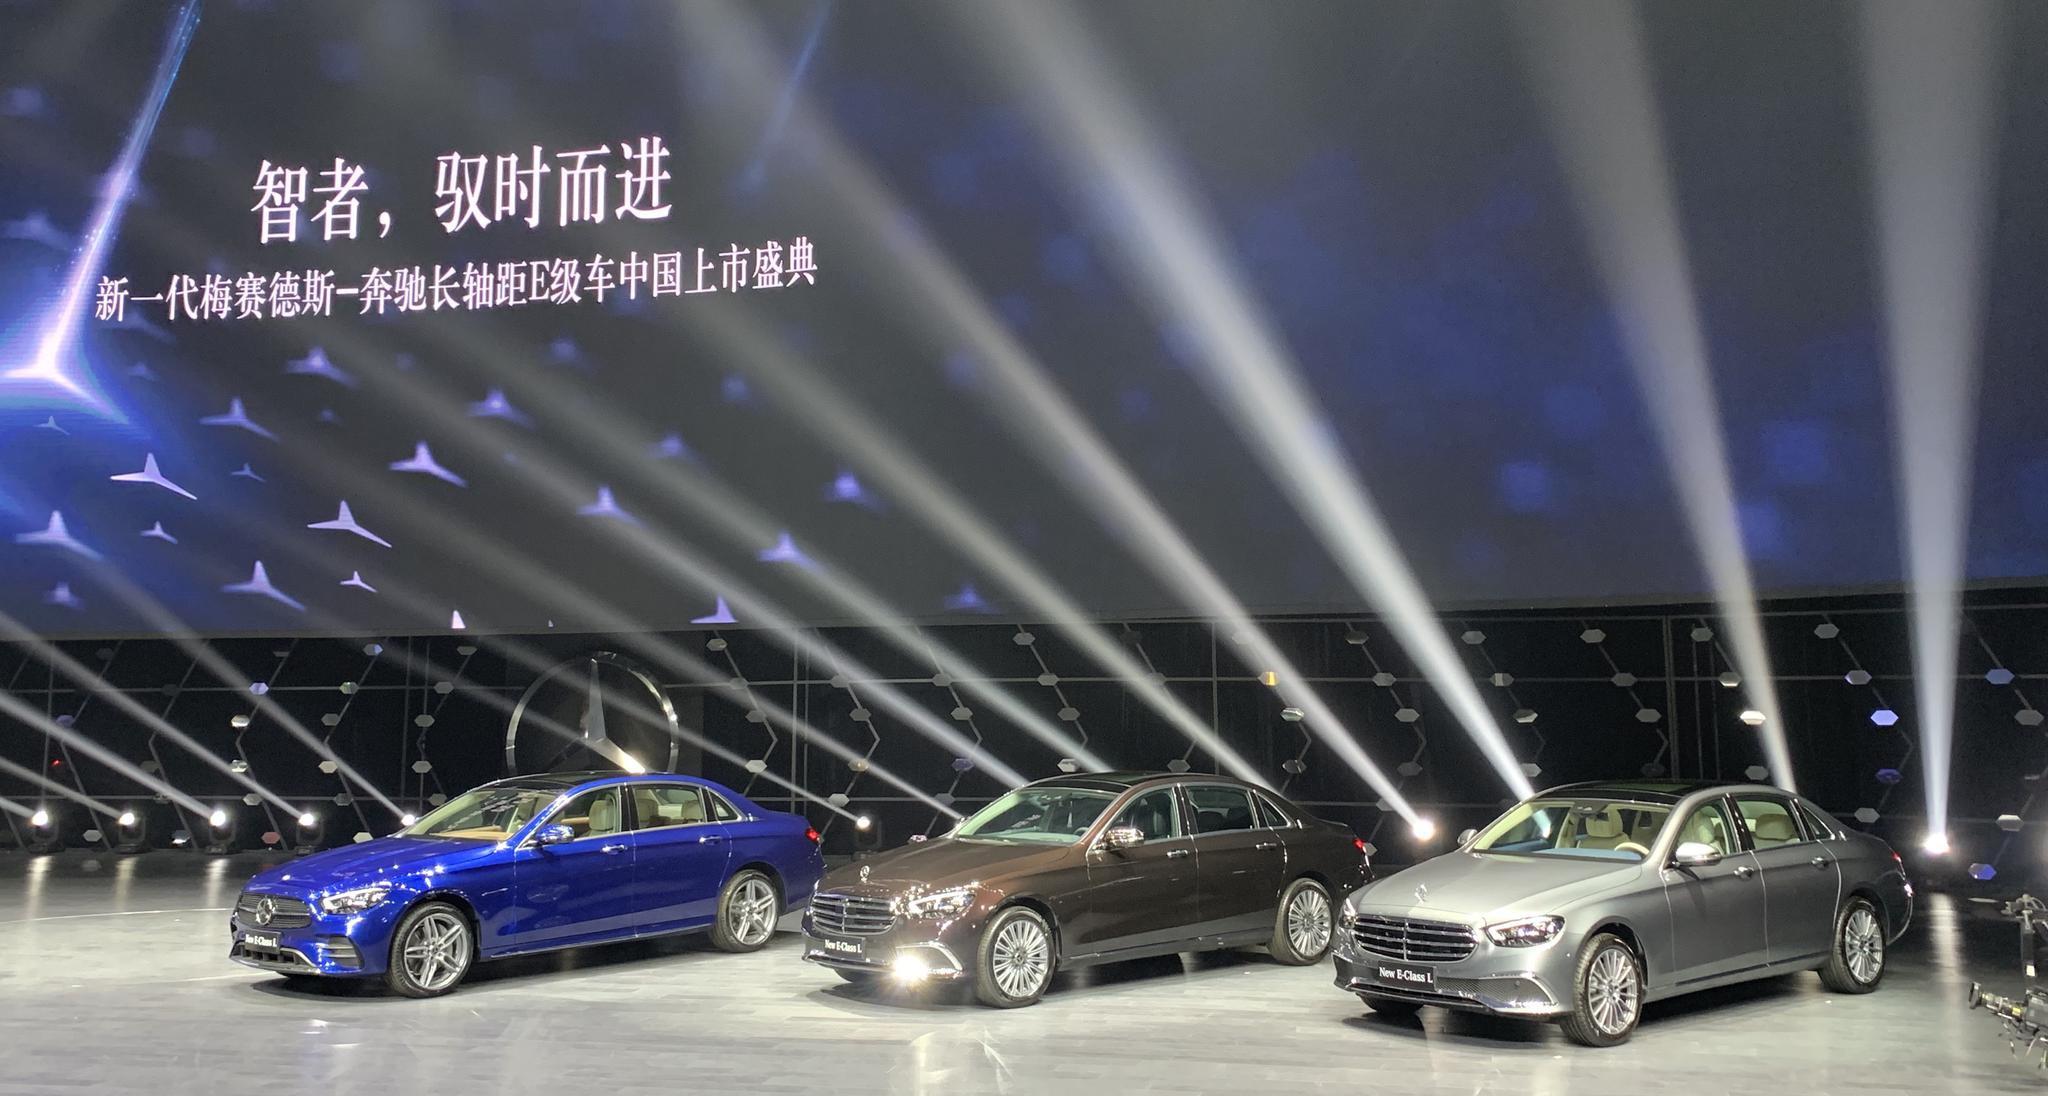 新一代梅赛德斯-奔驰长轴距E级车上市,43.08万元起售图片